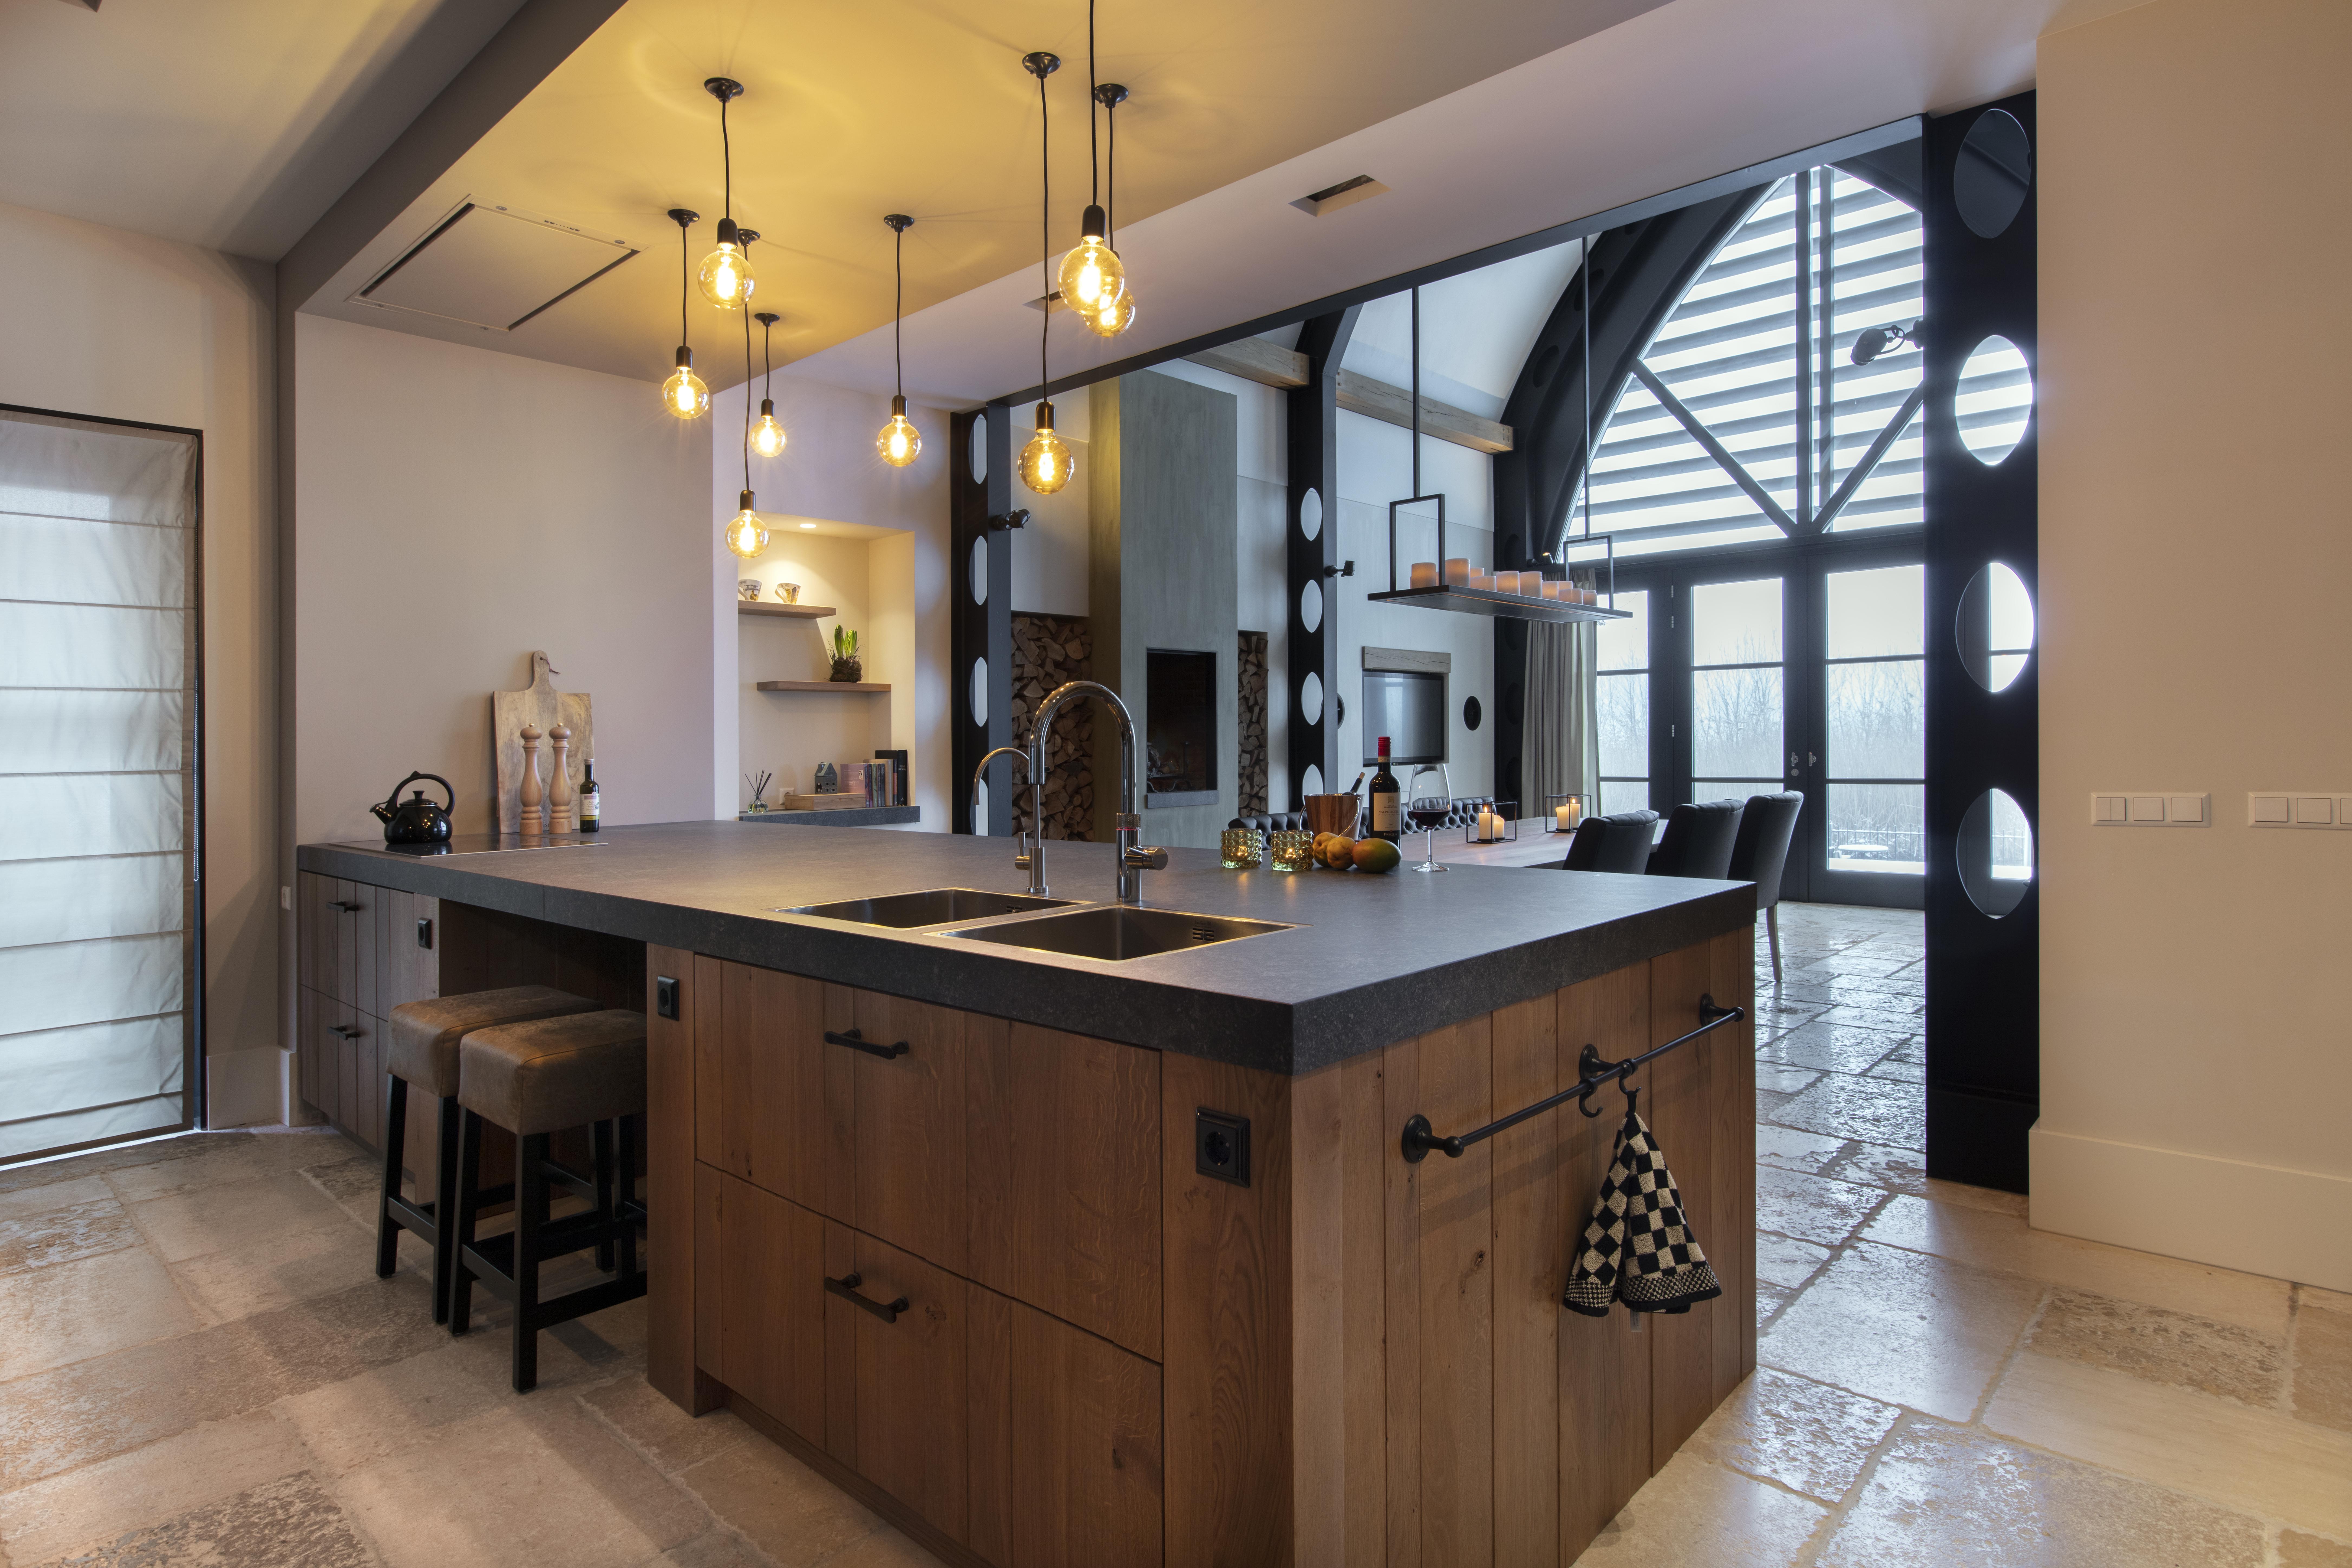 Beste Massief eiken keuken in landelijke stijl - Huisman keukens en sanitair XG-55